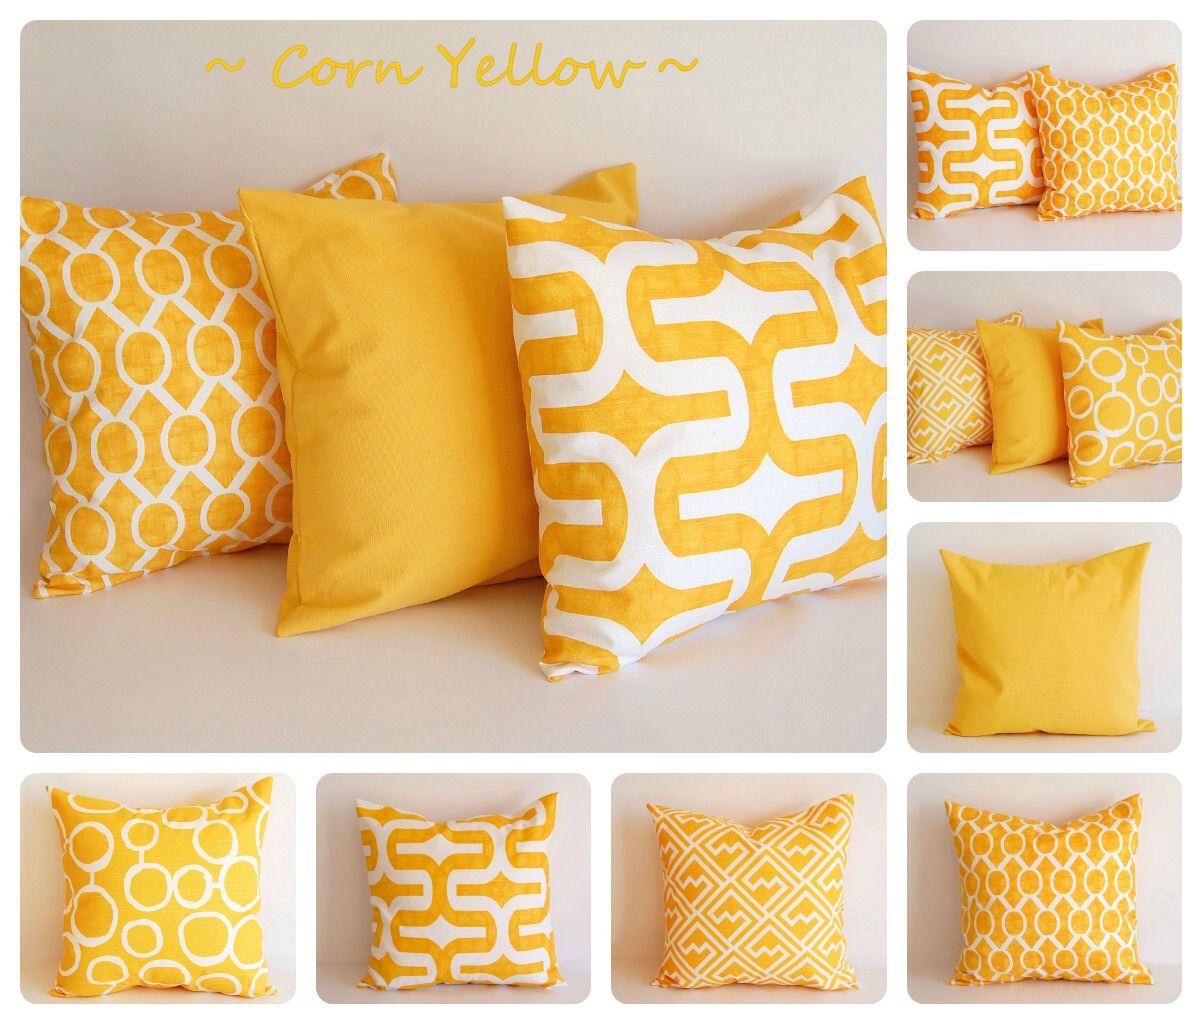 coussins jaunes sur etsy appartement aurelie pinterest coussins jaunes jaune et aurelie. Black Bedroom Furniture Sets. Home Design Ideas